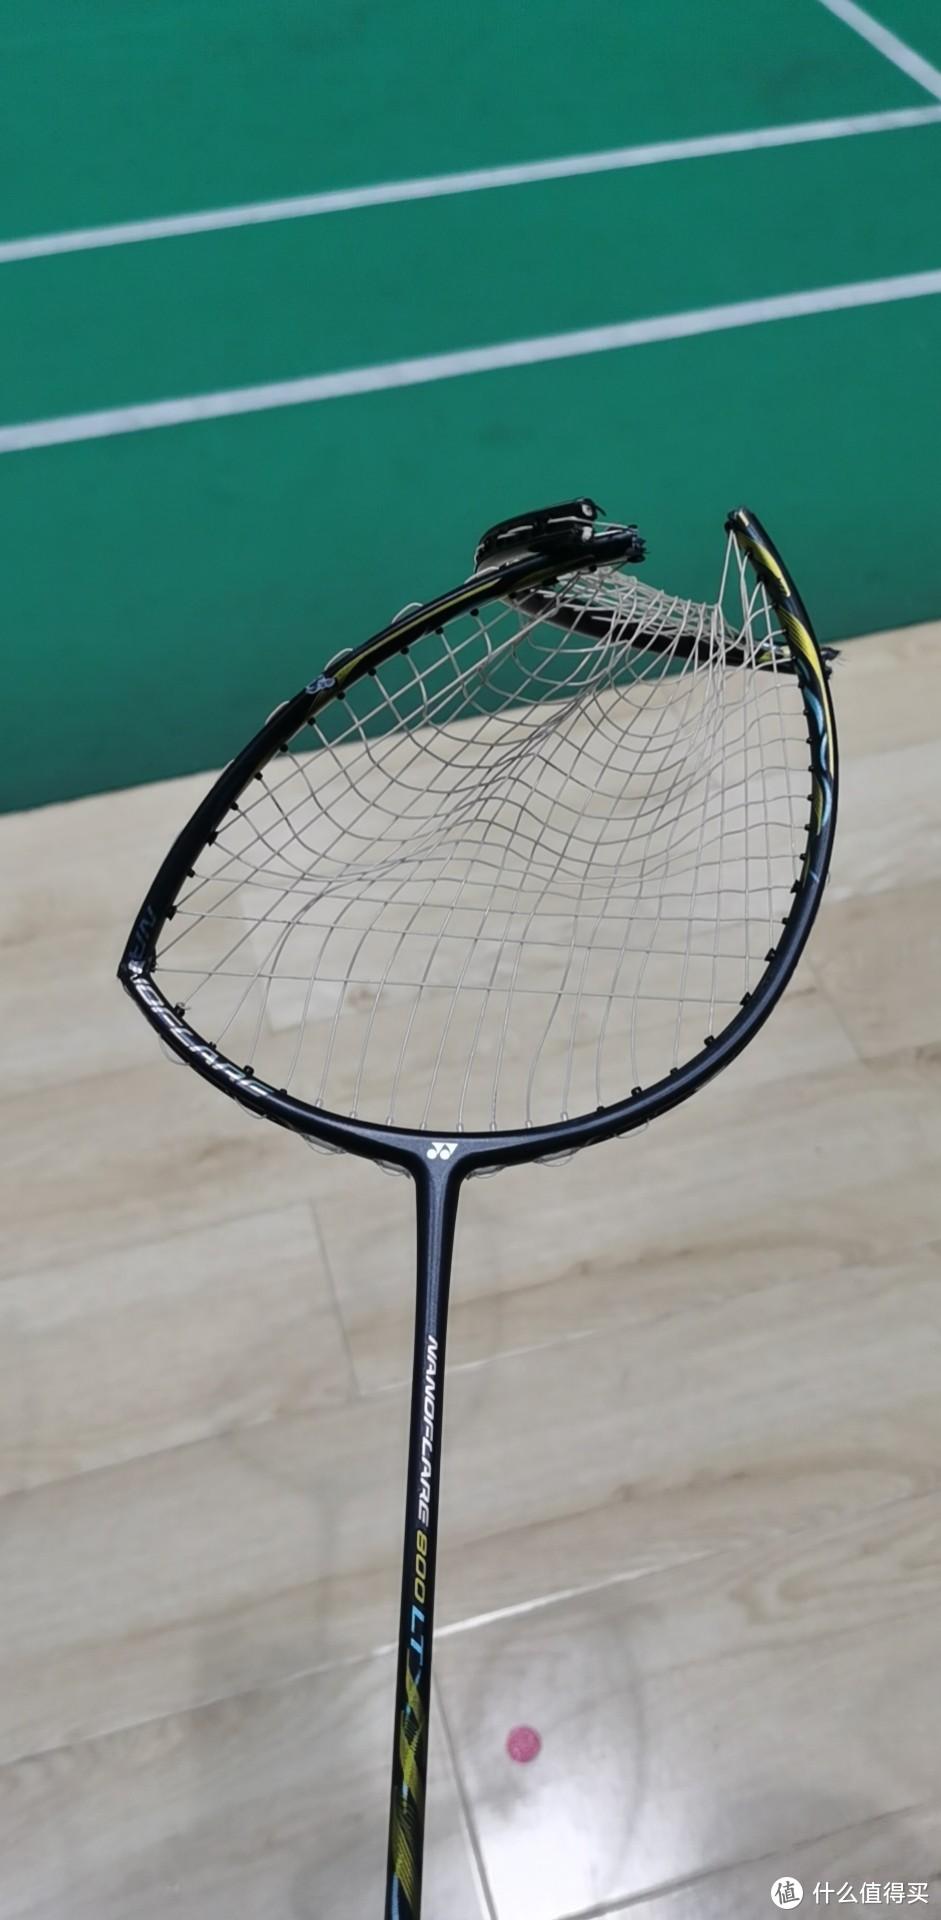 羽毛球拍的保护注意事项,附个人去底胶上缓震膜方法